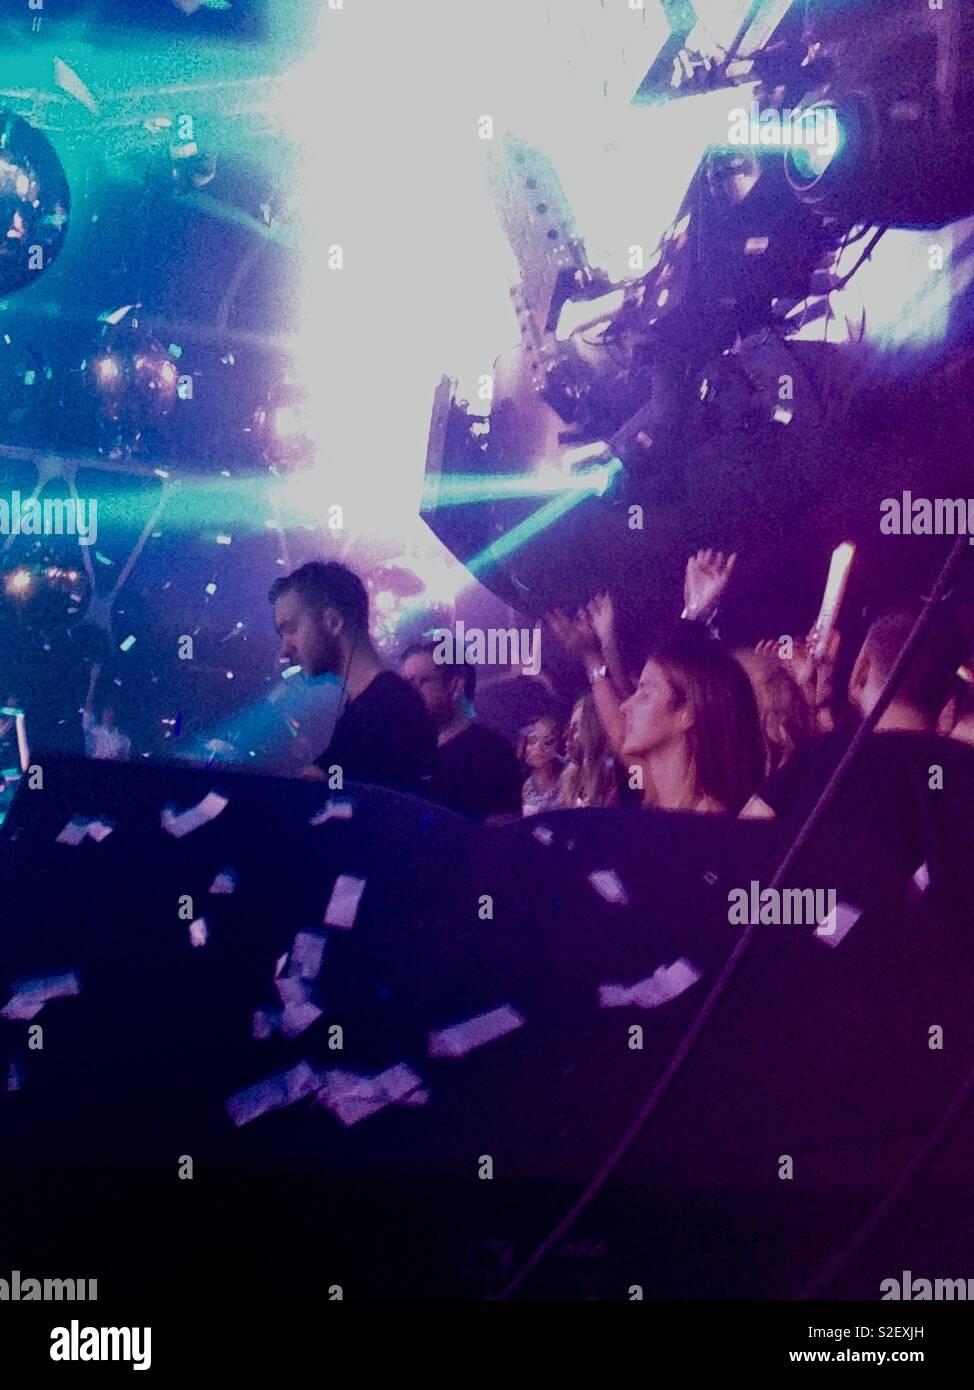 Calvin Harris DJ'ing at the Hakkasan nightclub in the MGM, Las Vegas, USA - Stock Image